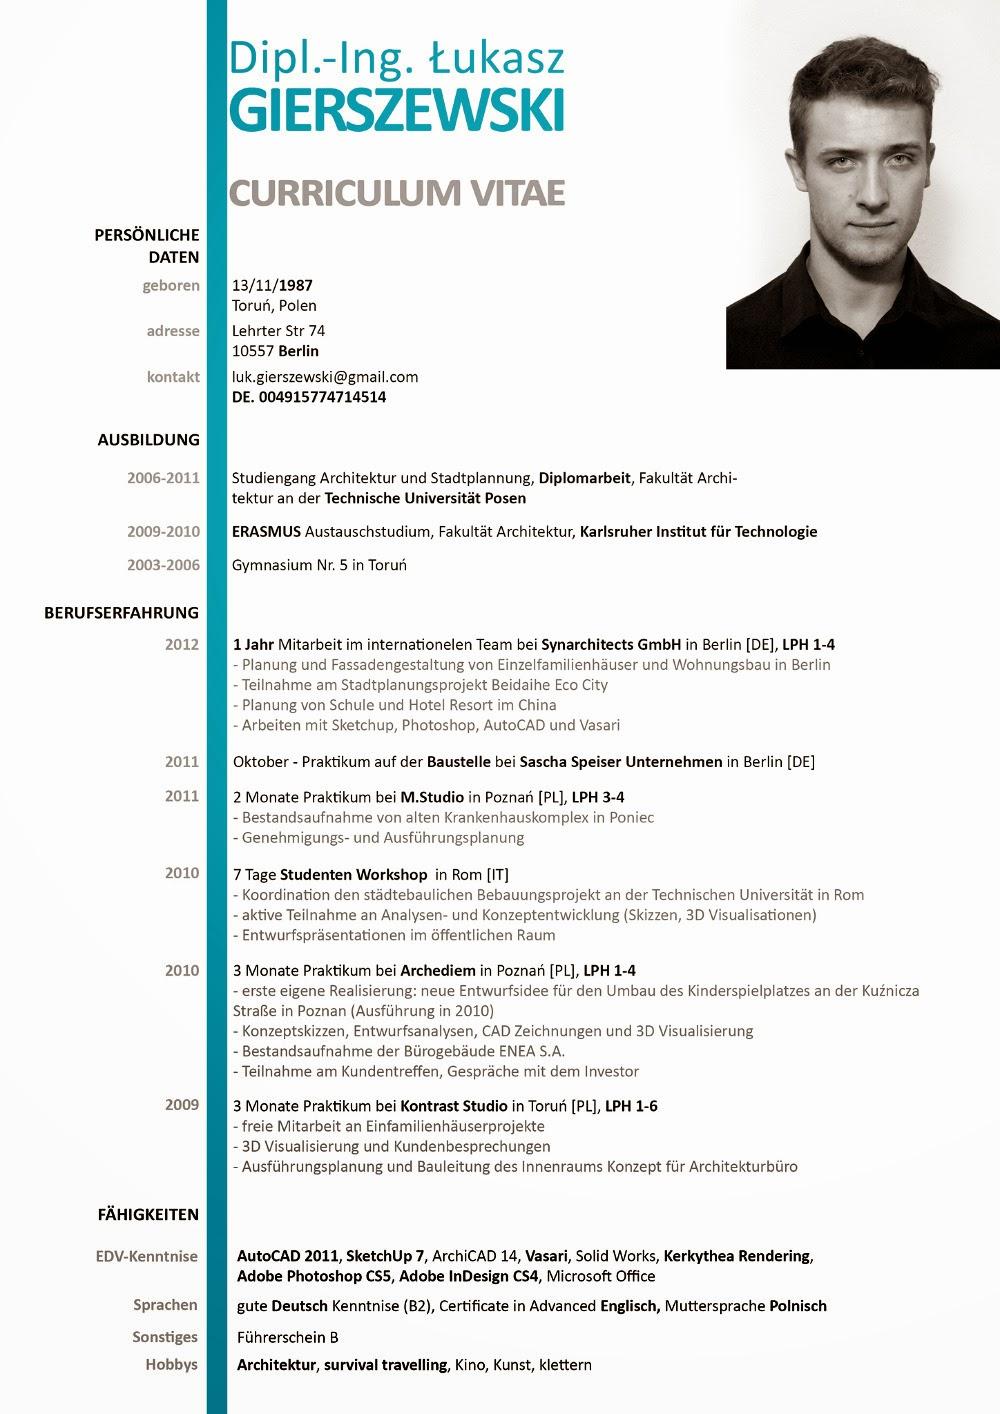 cv english example doctor best resume templates cv english example doctor medical curriculum vitae example the balance poor cv example cv masterclass cv